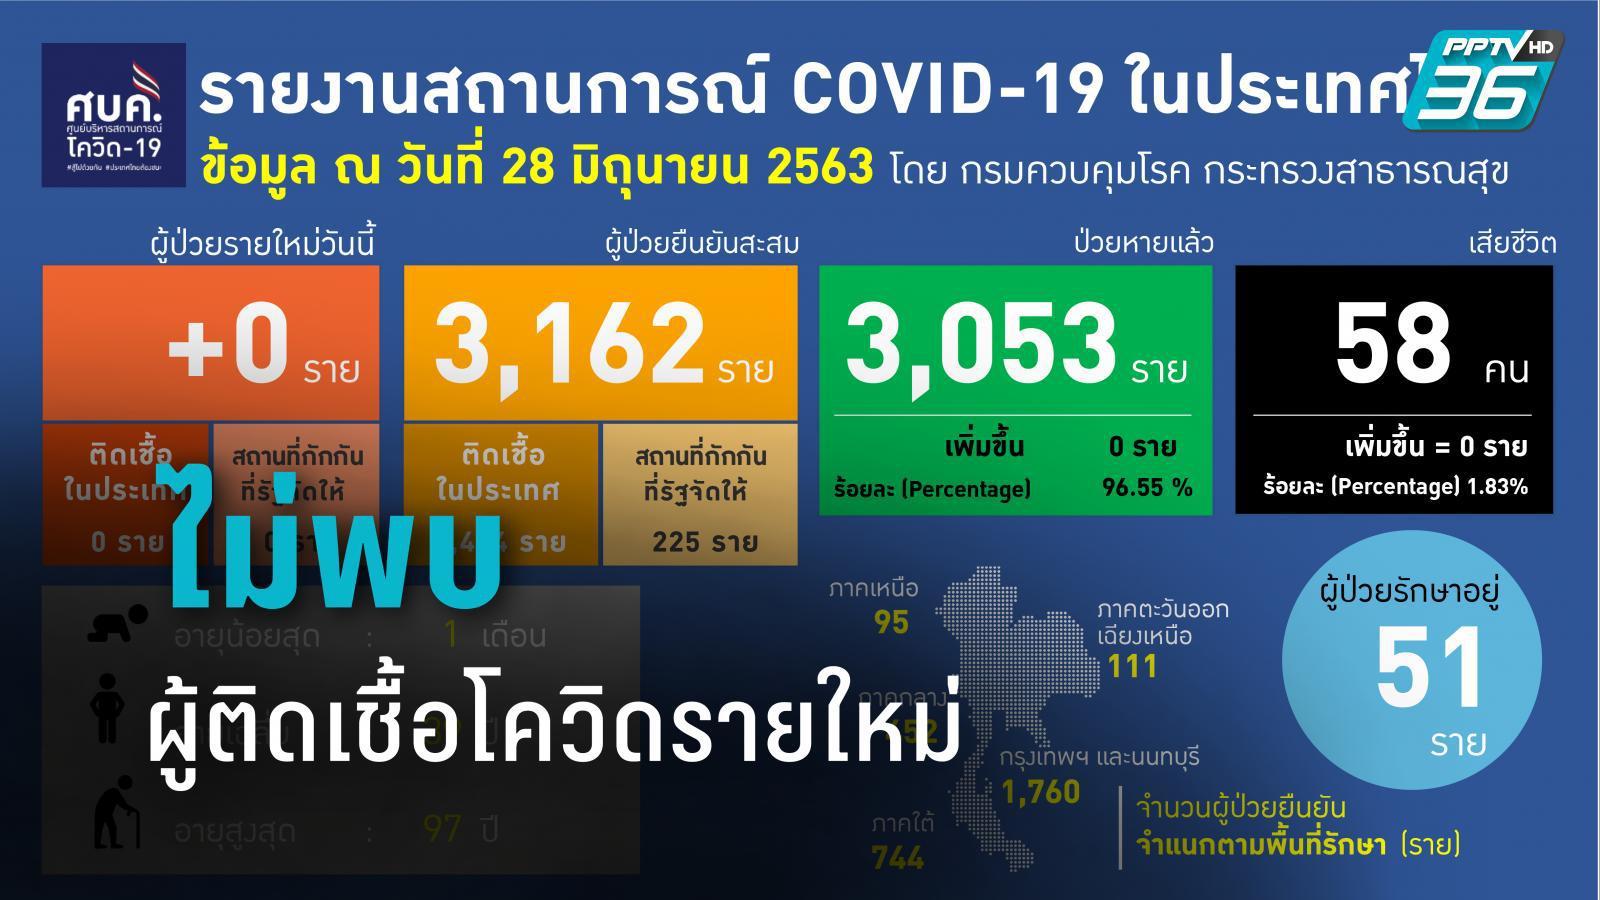 ไทยไม่พบผู้ติดเชื้อโควิด-19 รายใหม่ ขณะที่ทั่วโลกทะลุ 10 ล้านราย